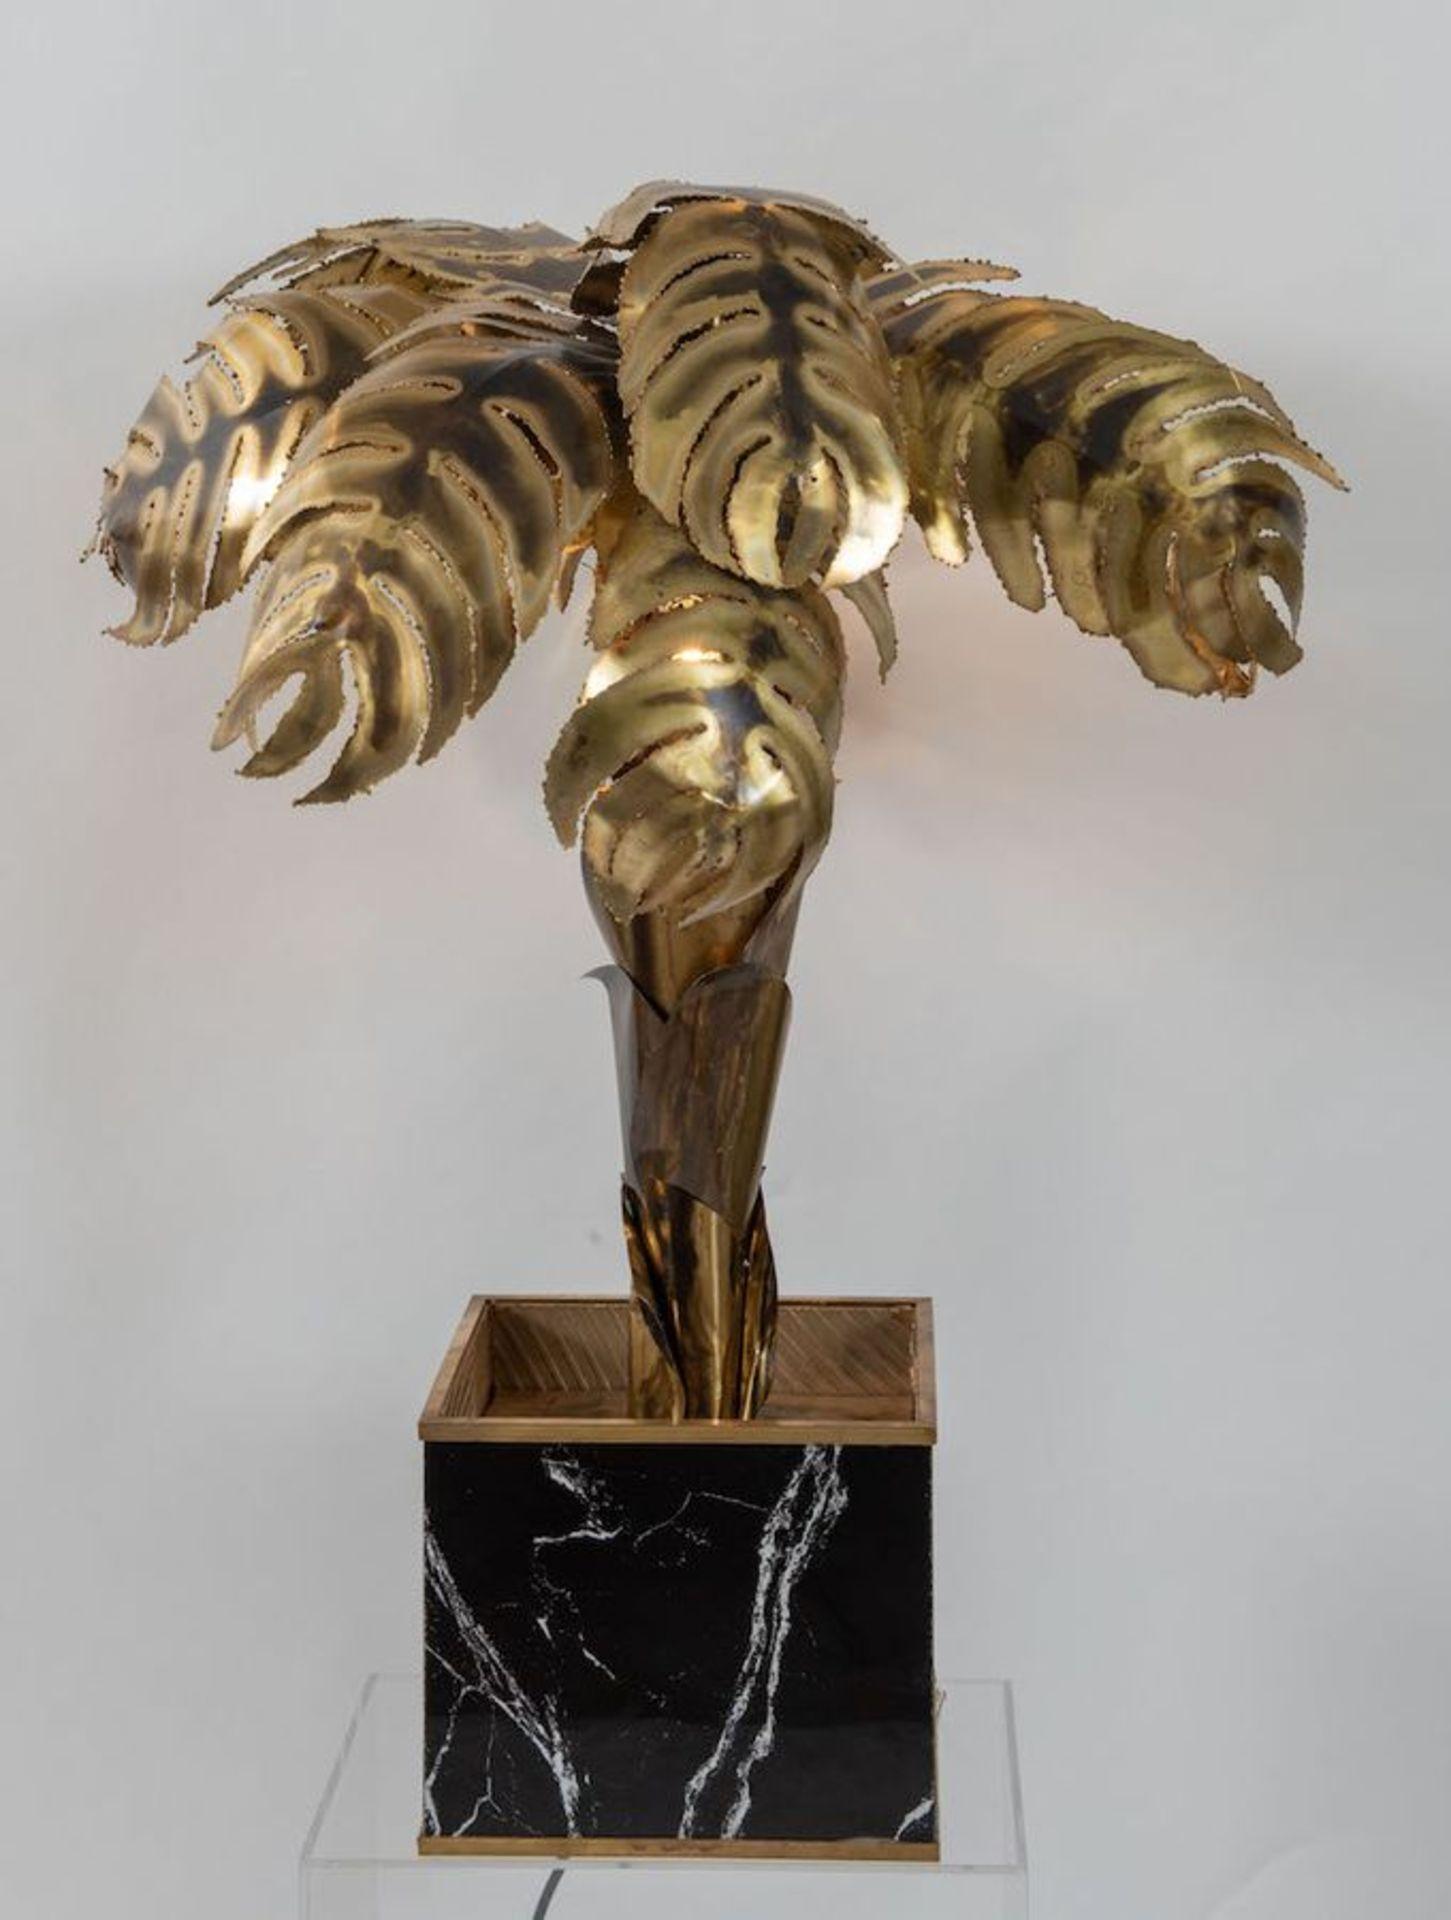 MAISON JANSEN, attr. Lampada da terra in ottone lavorato a mano con una base cubica in legno. Prod.  - Bild 2 aus 4